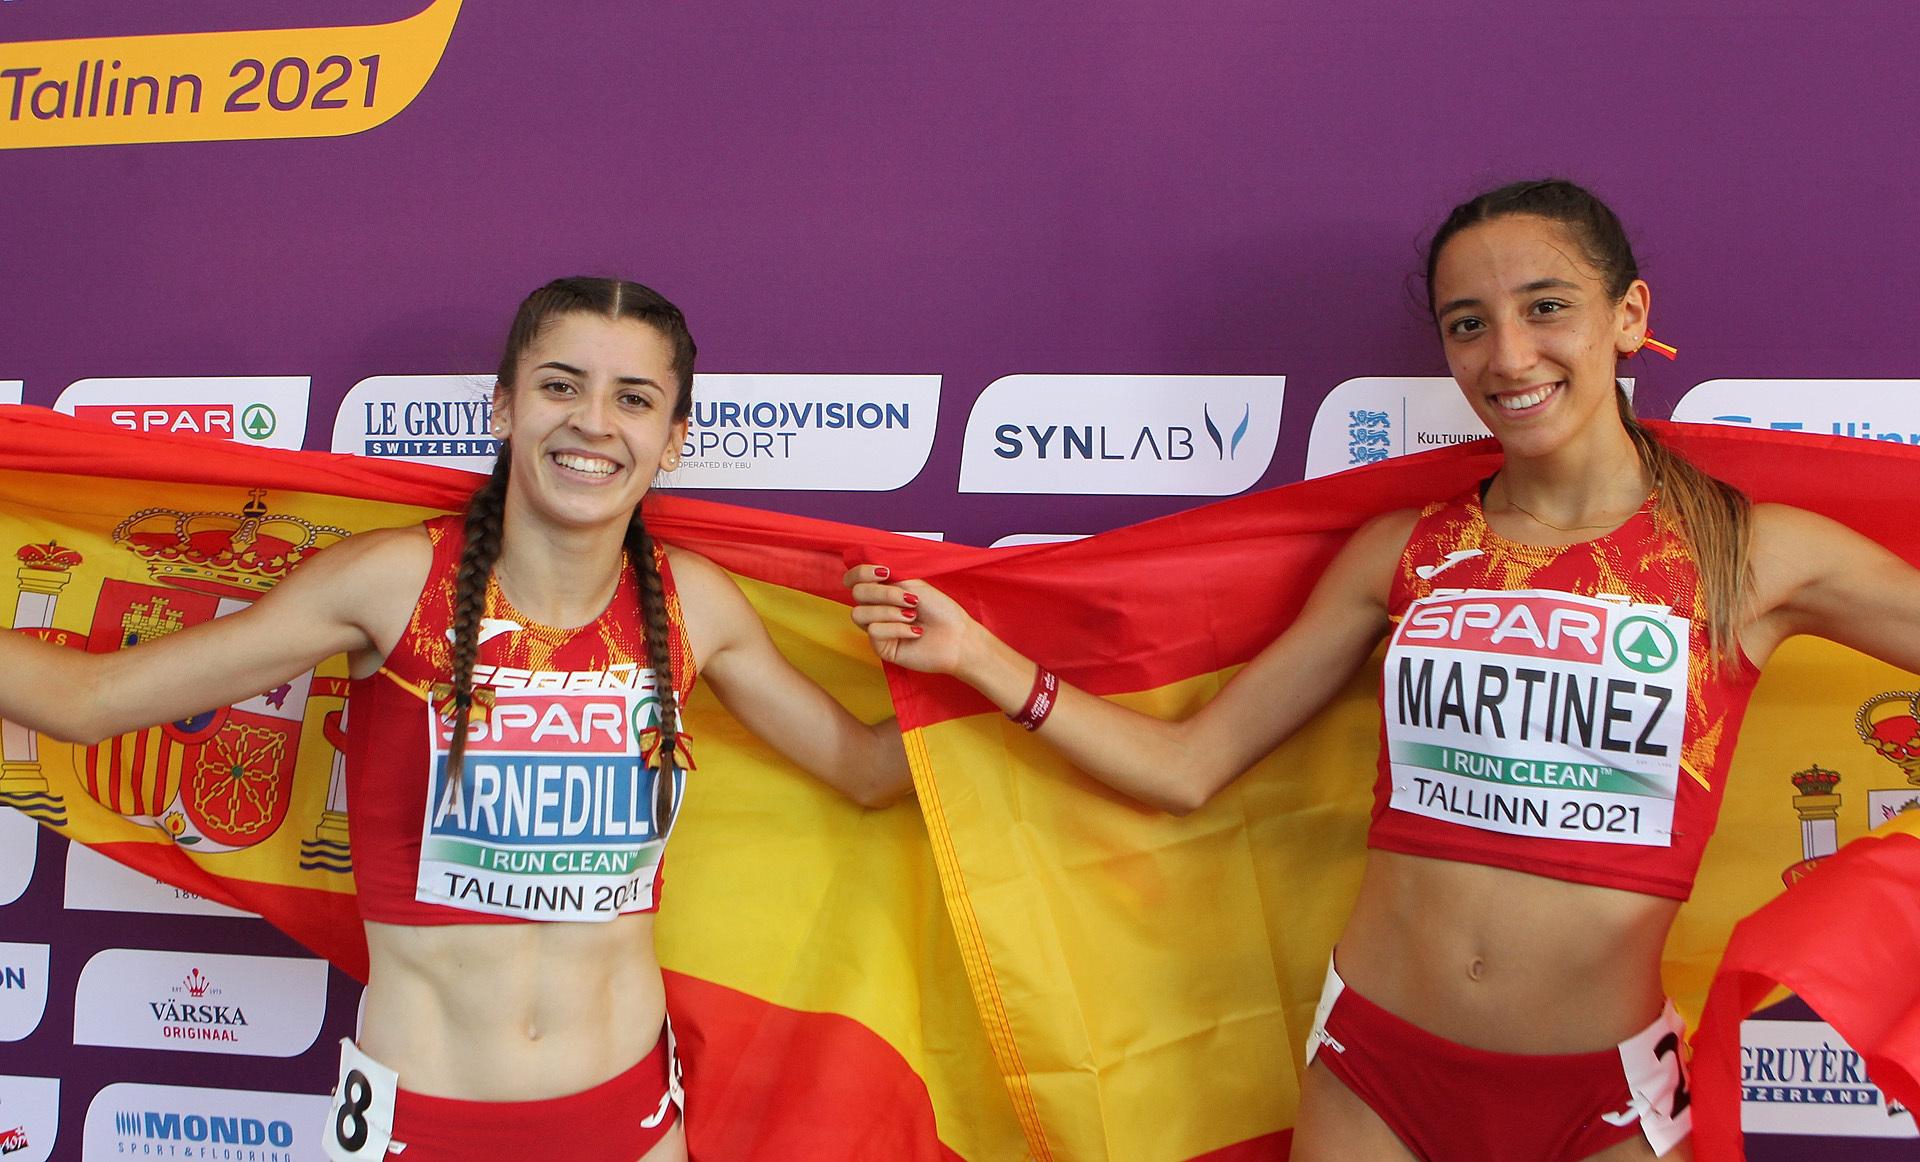 1500m_jenter_spansk_soelv_og_bronse_Martinez_og_Arnedillo_A20G3046.jpg